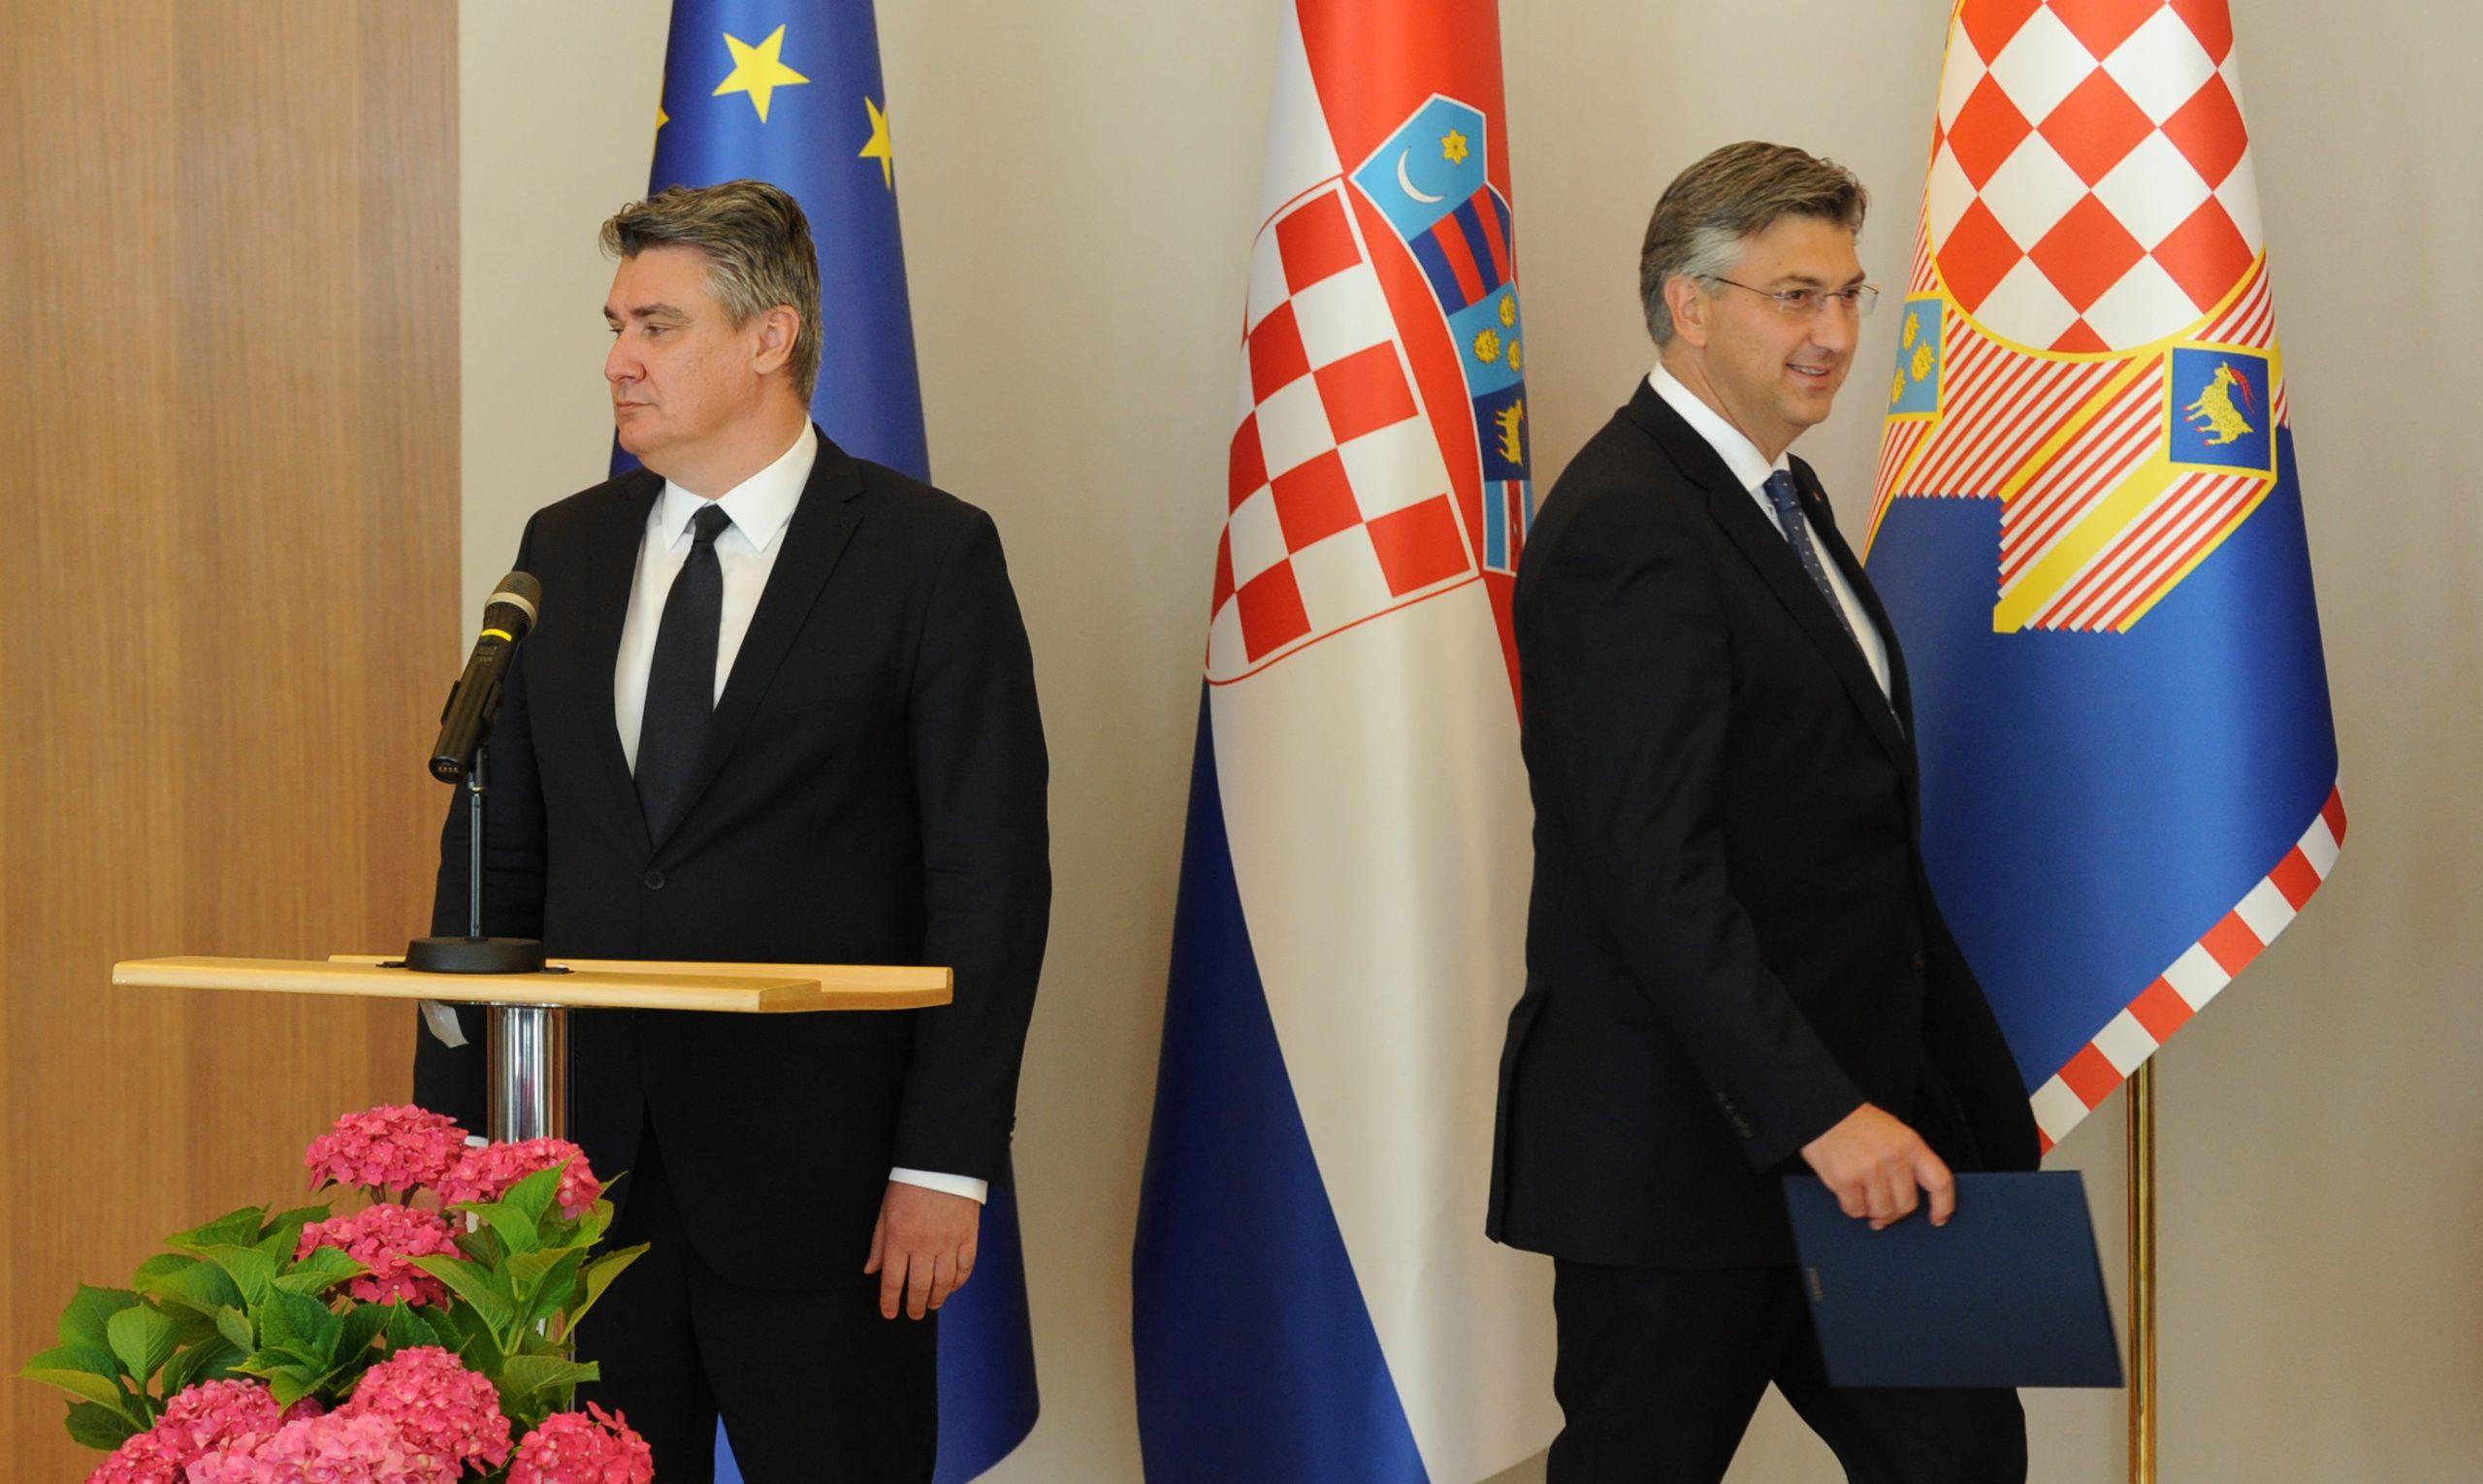 Zoran Milanović i Andrej Plenković - Foto: Darko JELINEK